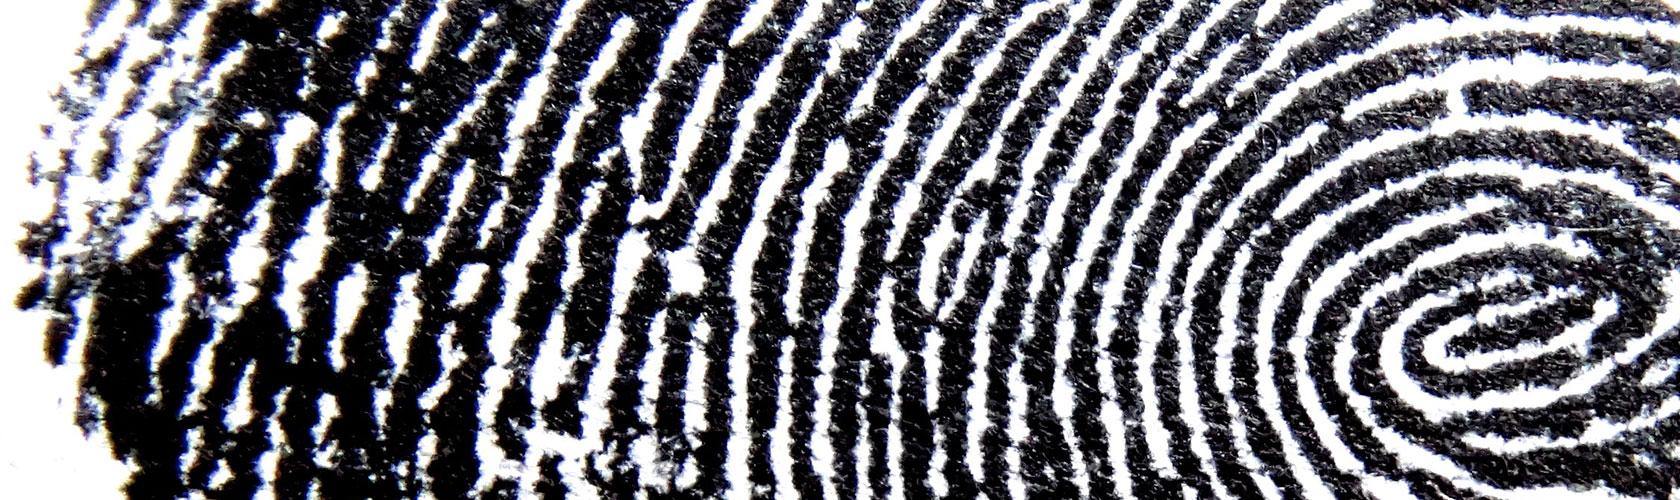 Observation und Ermittlung de rSecurity Hannover Fingerabdruck Beispielbild